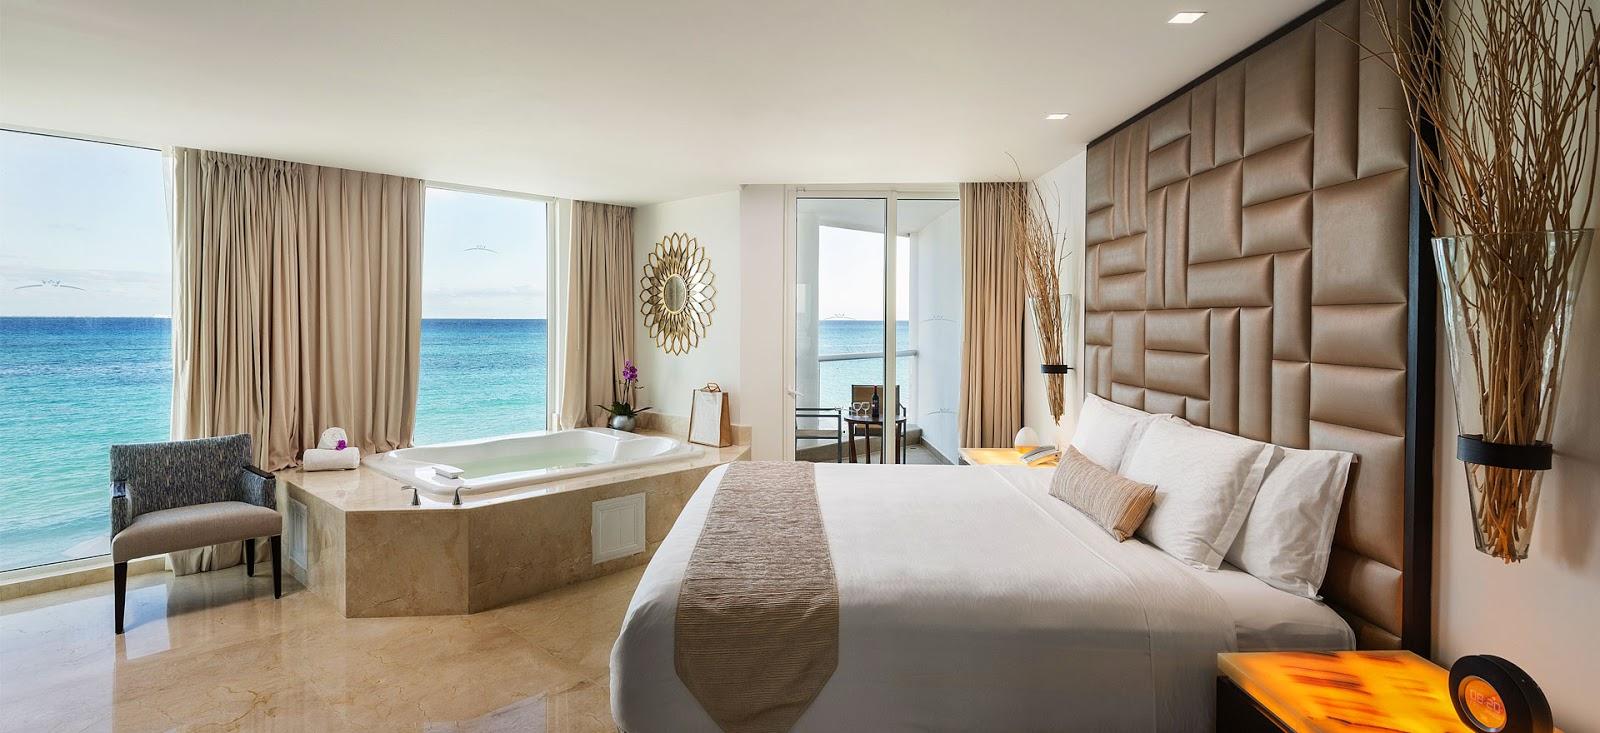 Así será la habitación del hotel del futuro.